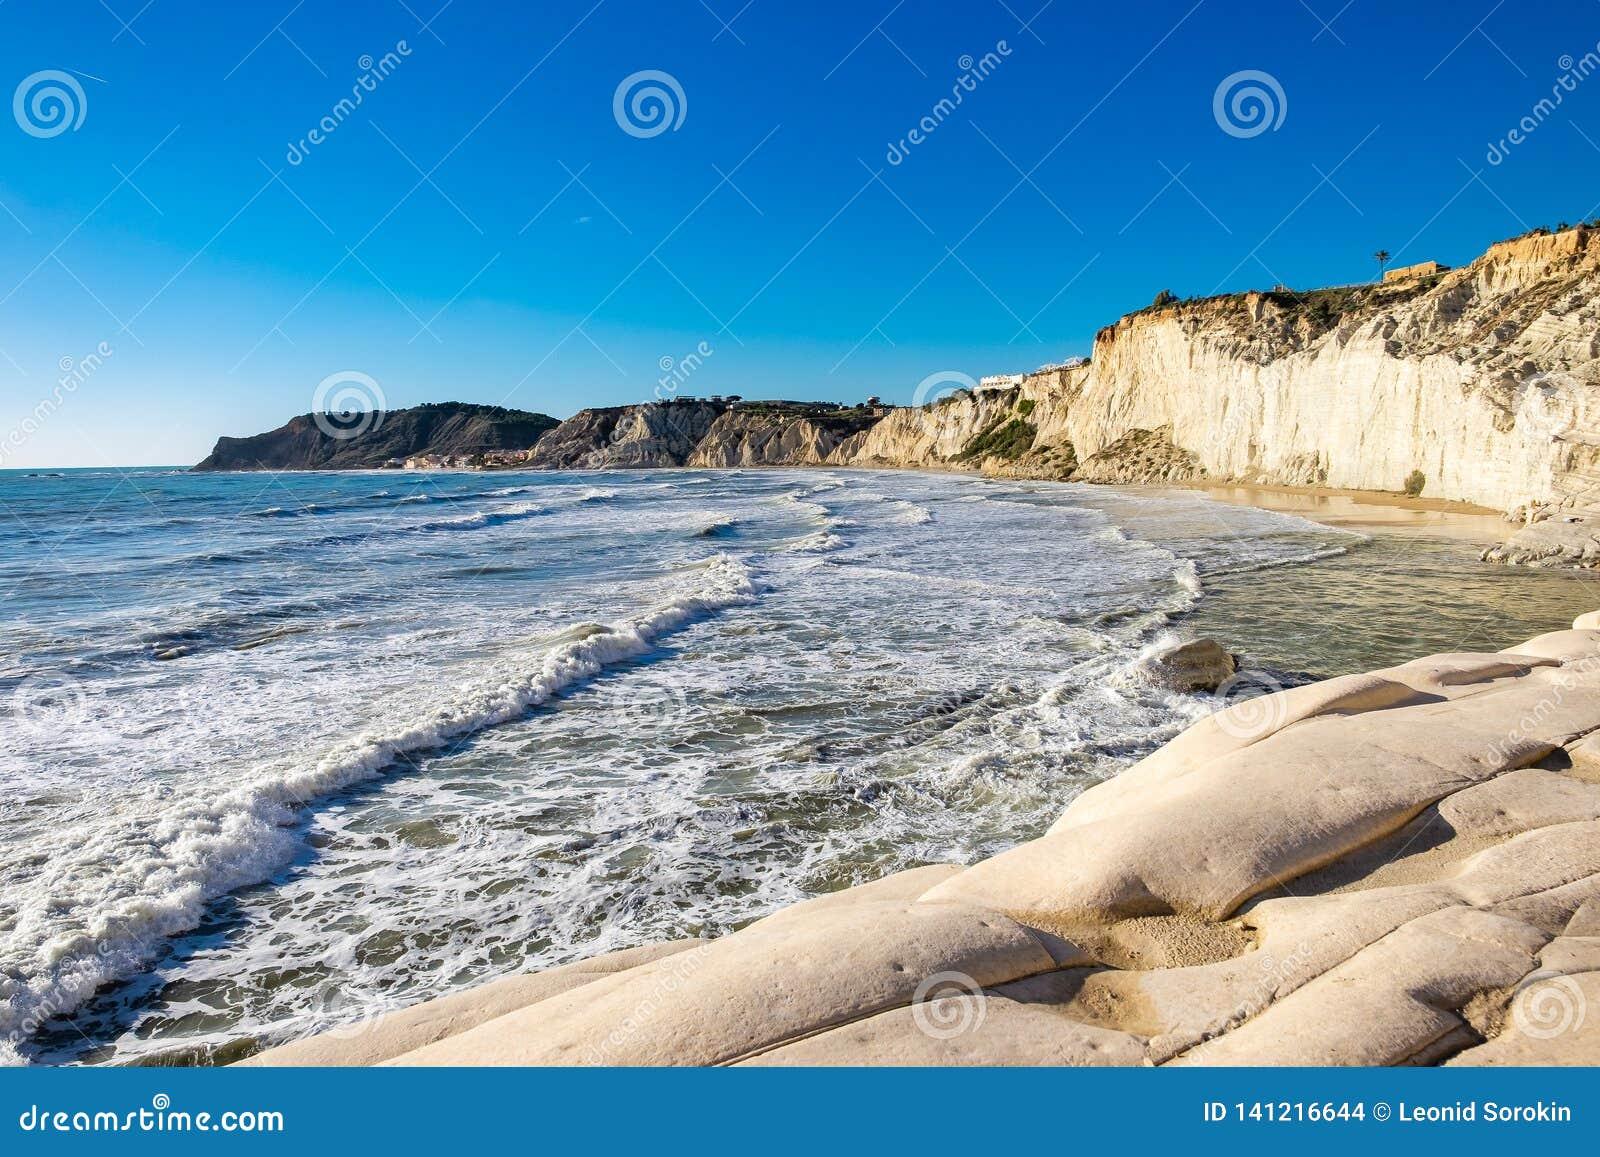 La escalera blanca rocosa de los turcos, Sicilia de los acantilados